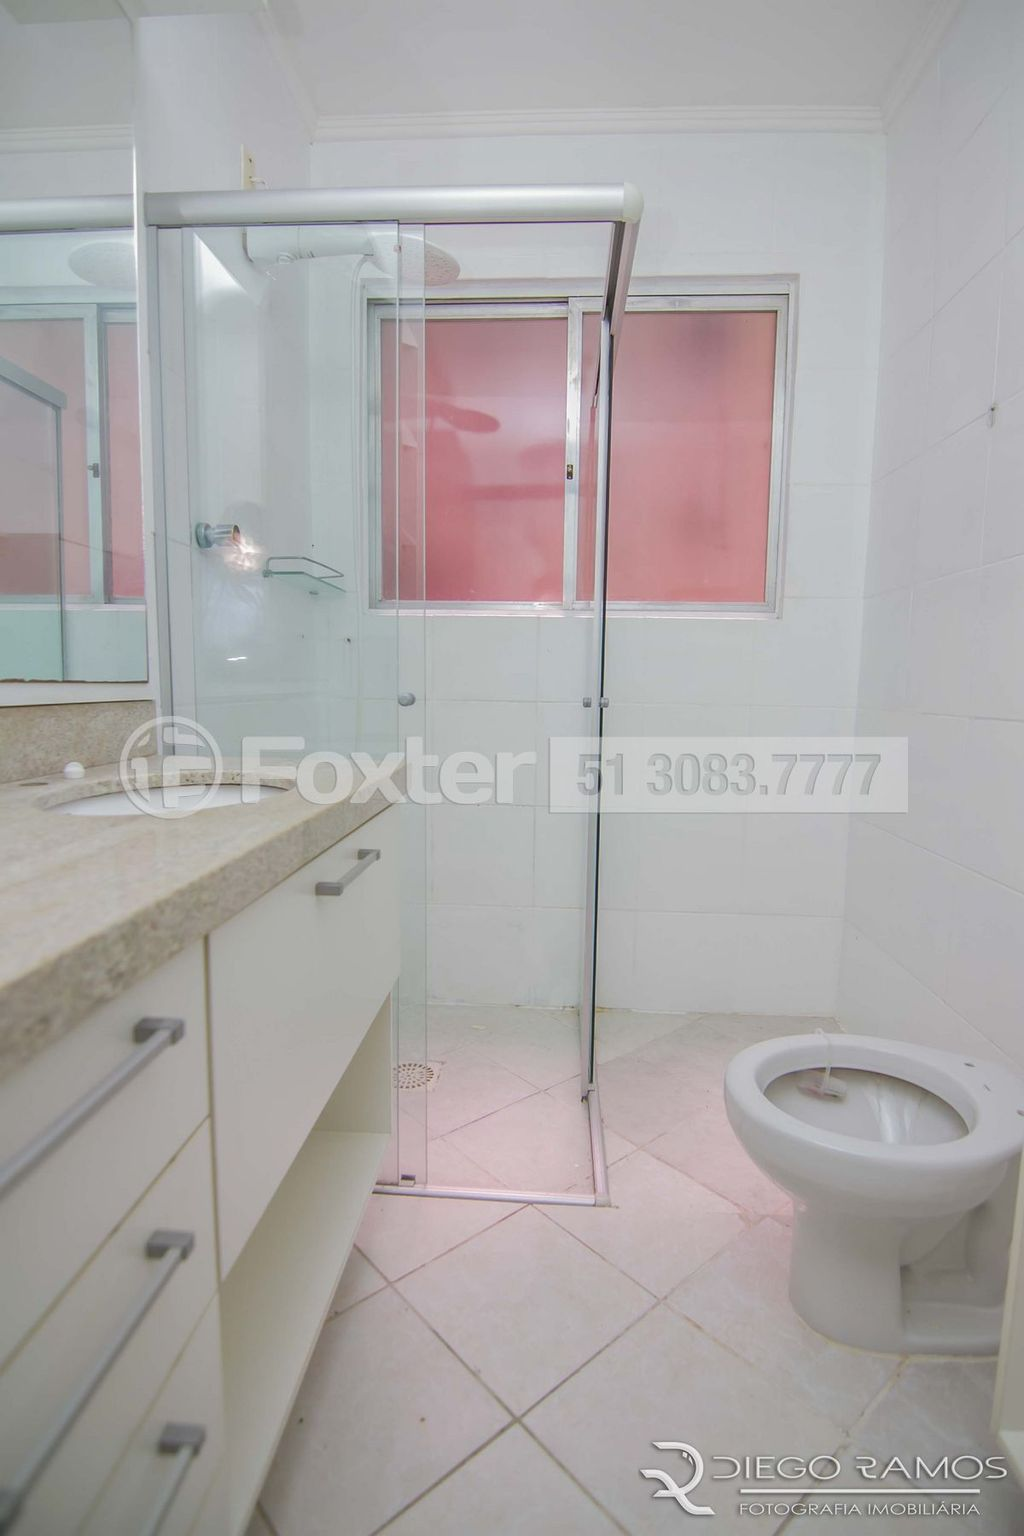 Foxter Imobiliária - Apto 2 Dorm, Santana (140933) - Foto 8